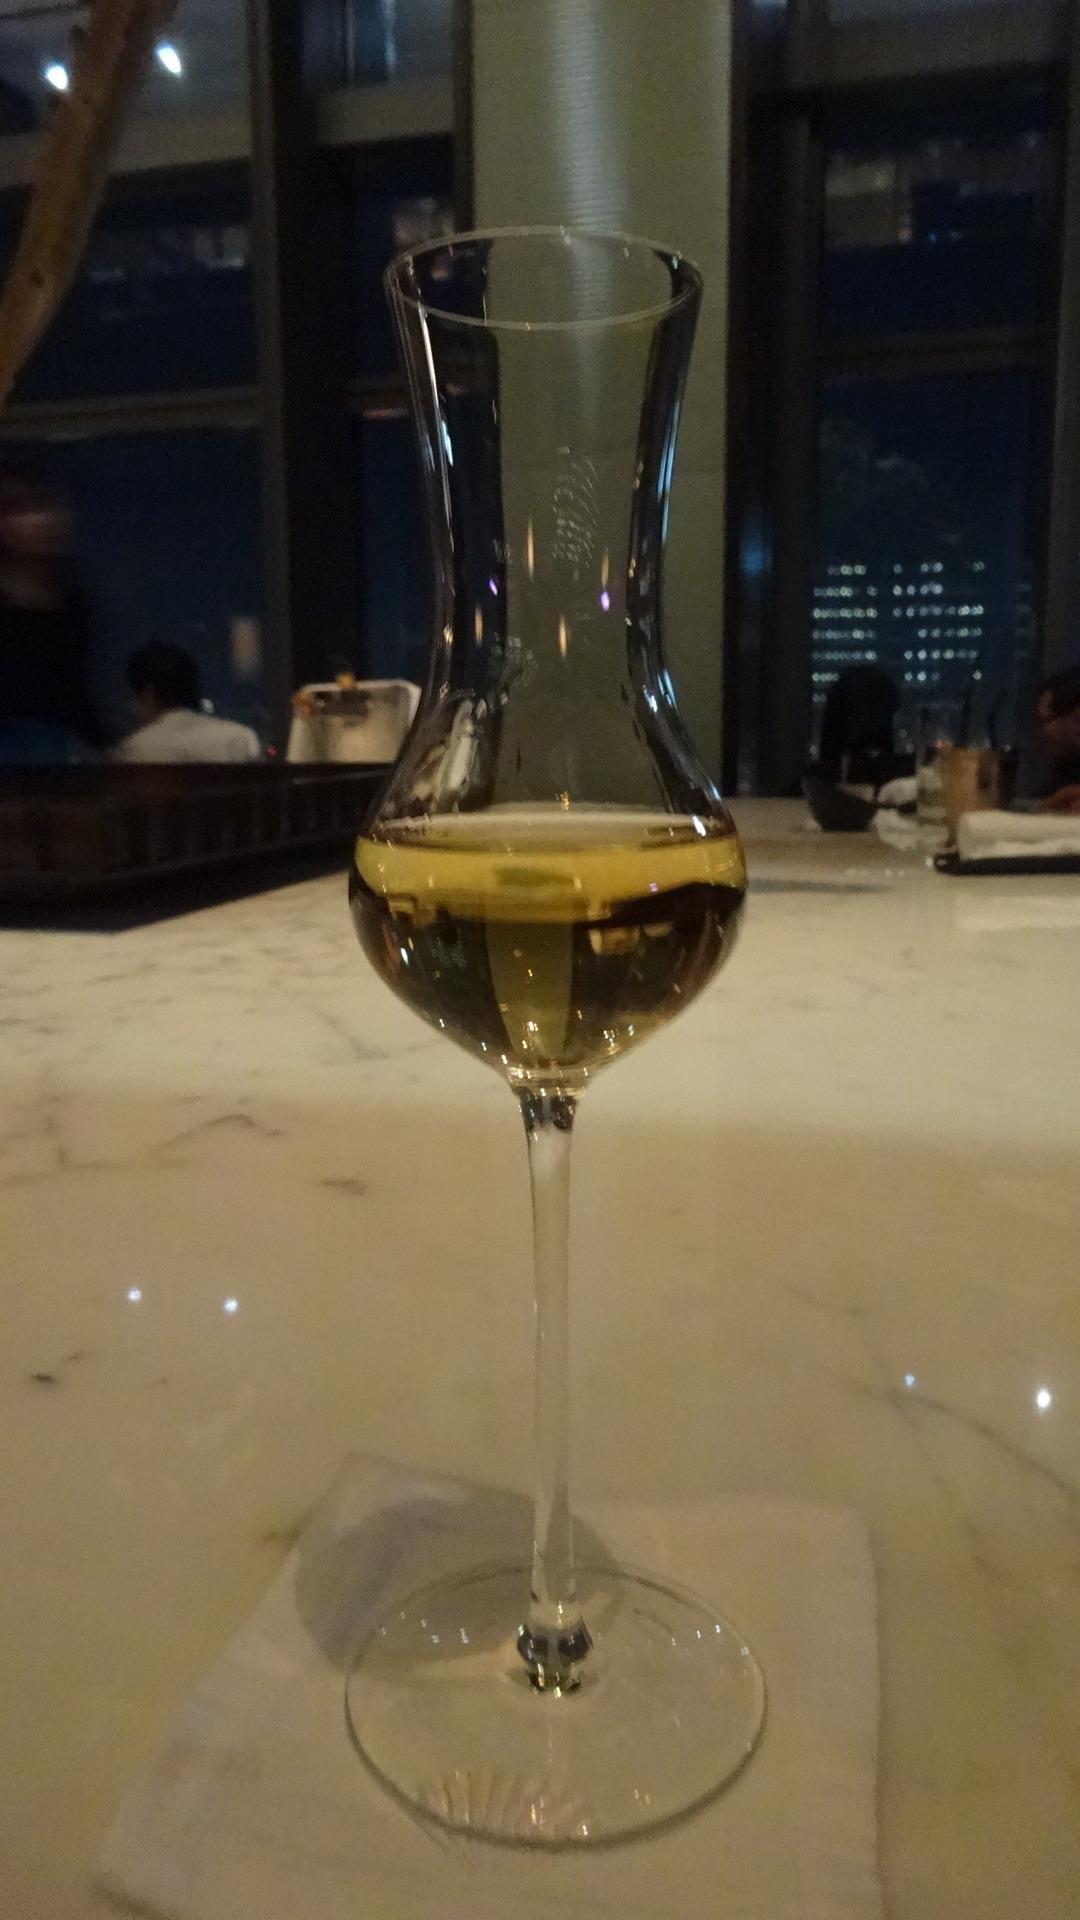 ホテルのバーで飲んだグラッパ